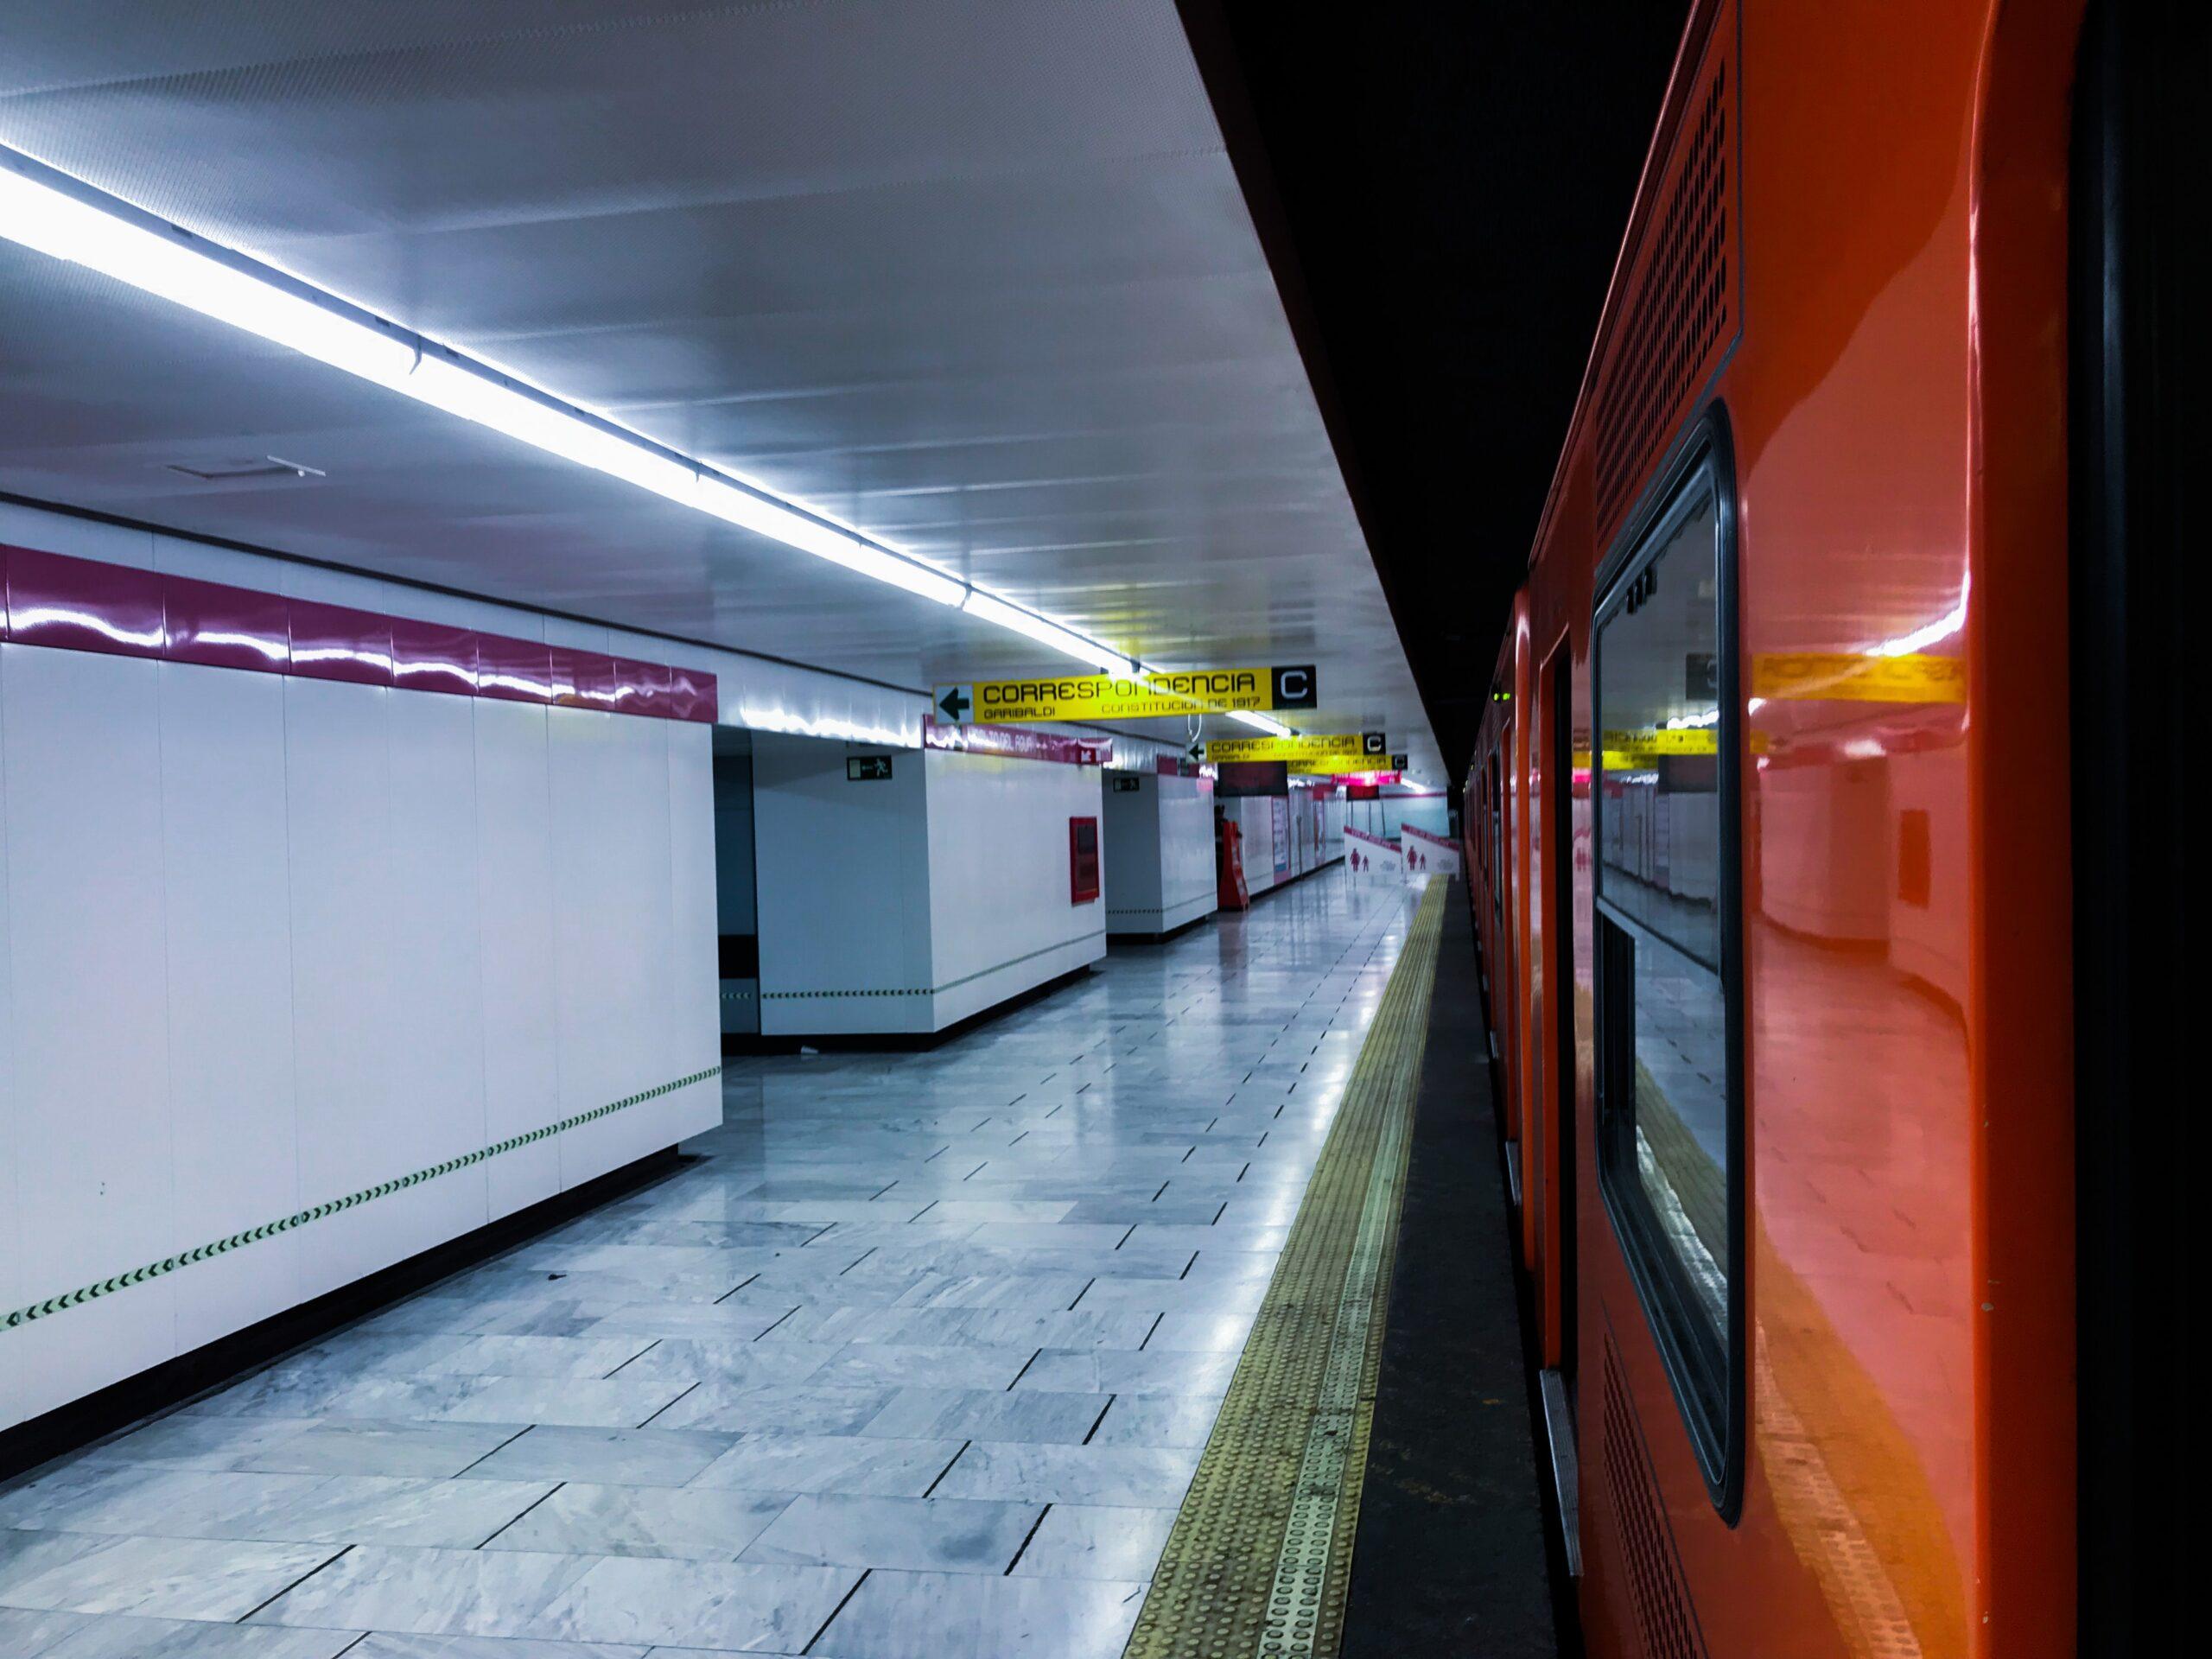 Accidente en línea 12 del Metro: crónica de un desplome anunciado